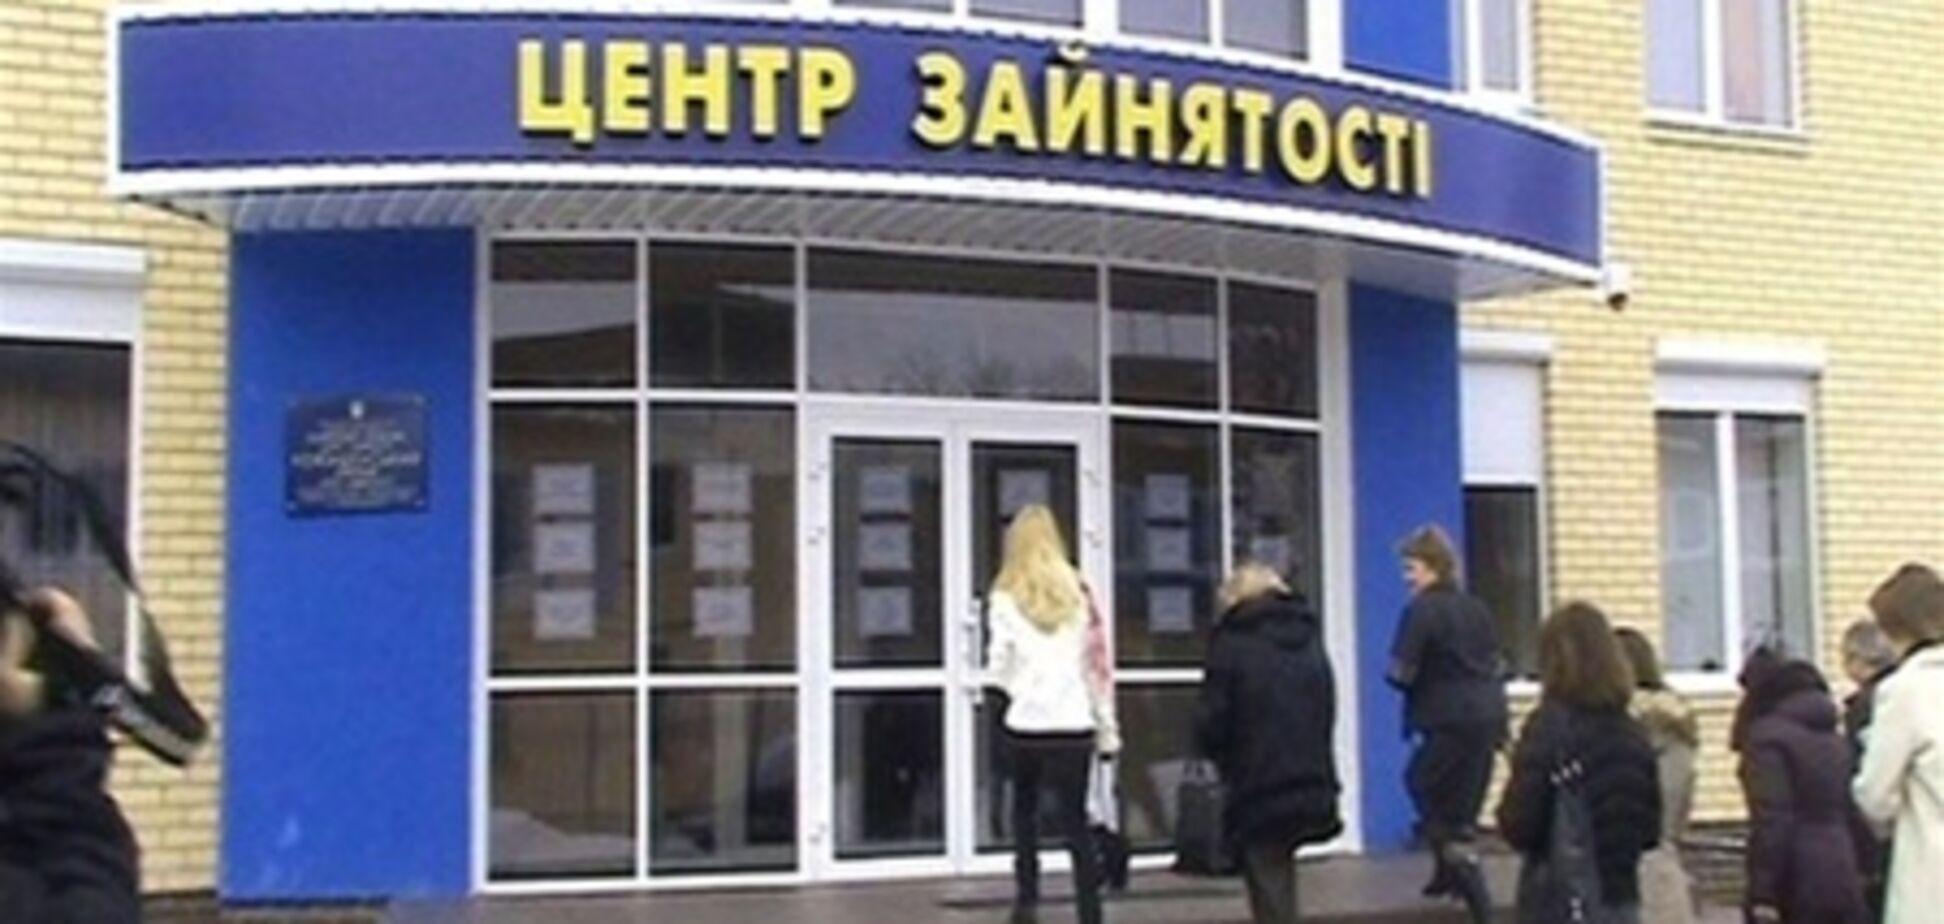 Центр занятости отказал постоянным охранникам из-за русского языка